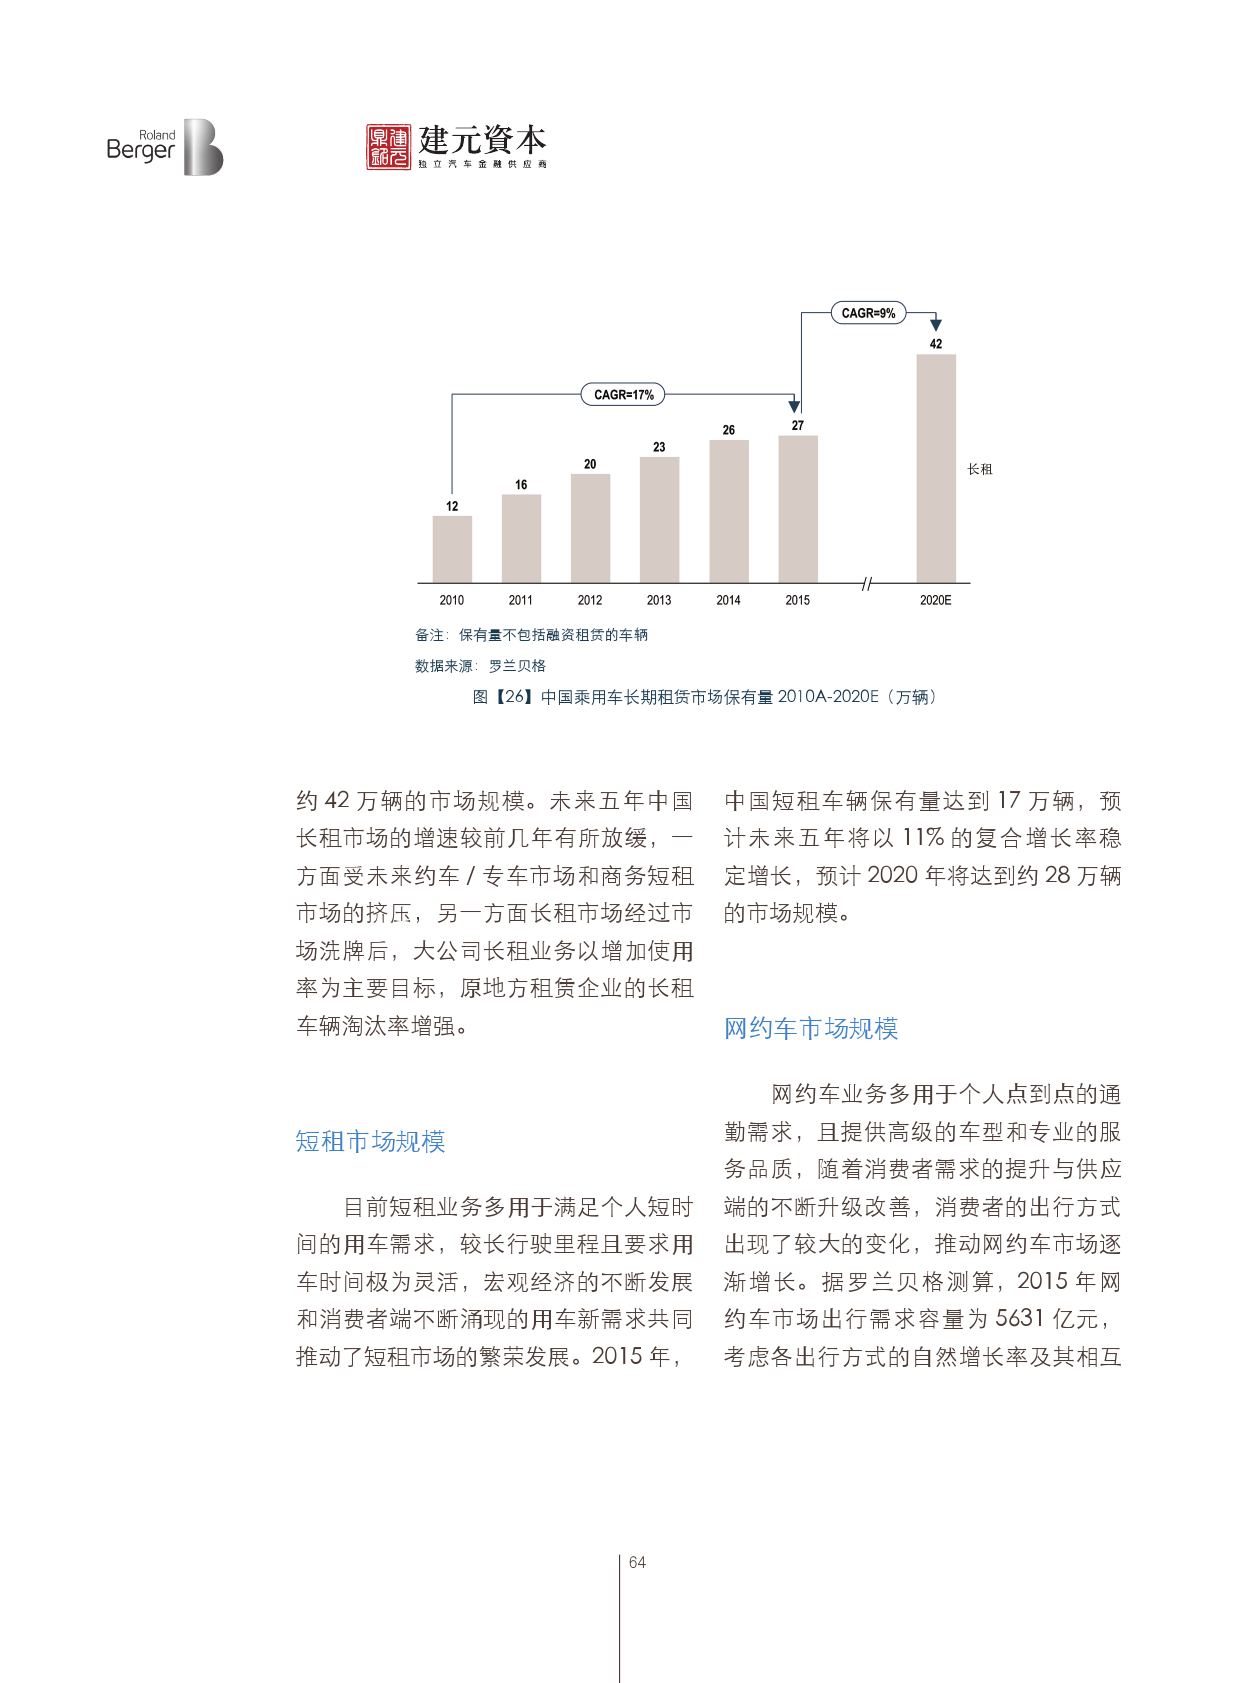 2016中国汽车金融报告_000065